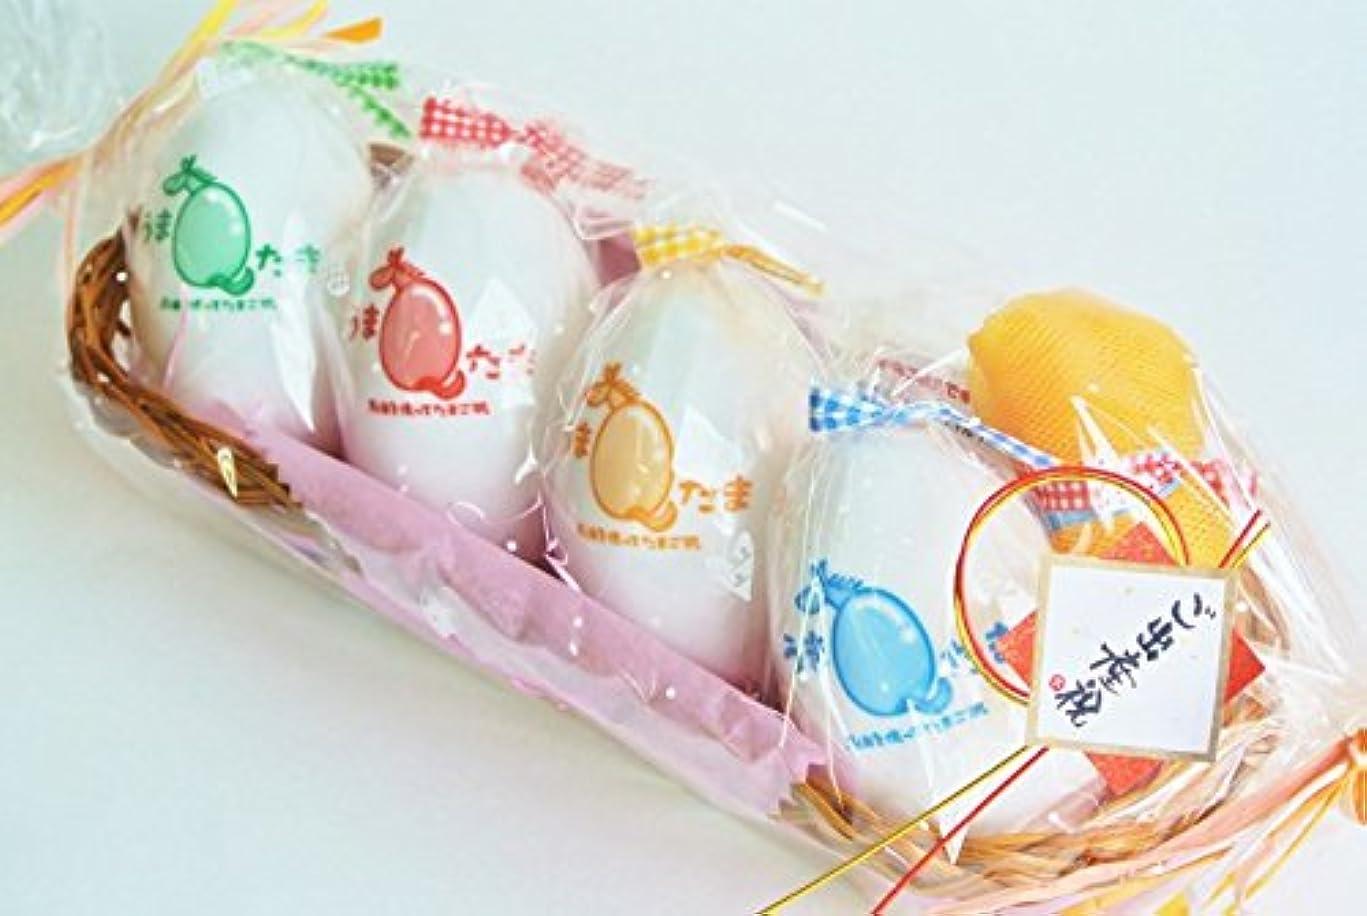 不完全な単独で騒々しいUmatama(ウマタマ) 馬油石鹸うまたま 4種類の詰め合わせギフトセット!出産祝い?内祝い?結婚祝い?誕生日祝いにおススメです!